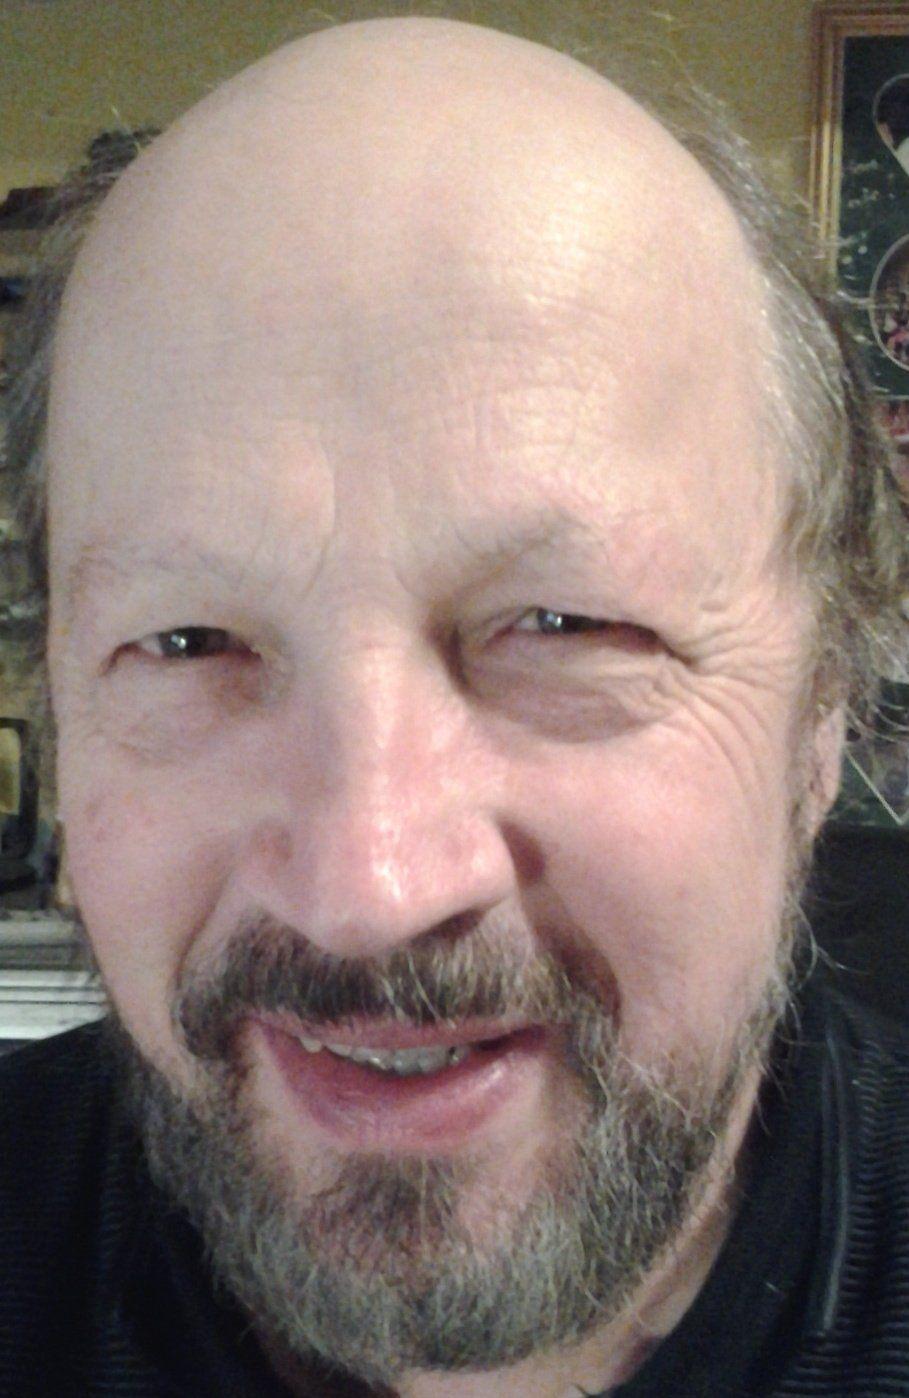 NOK ER NOK: Vi vil ikke finne oss i at politikerne skal presse gjennom flere fordyrende prosjekter, skriver Terje Haugom, som nylig har meldt seg inn i Folkeaksjonen Nei til mer bompenger.